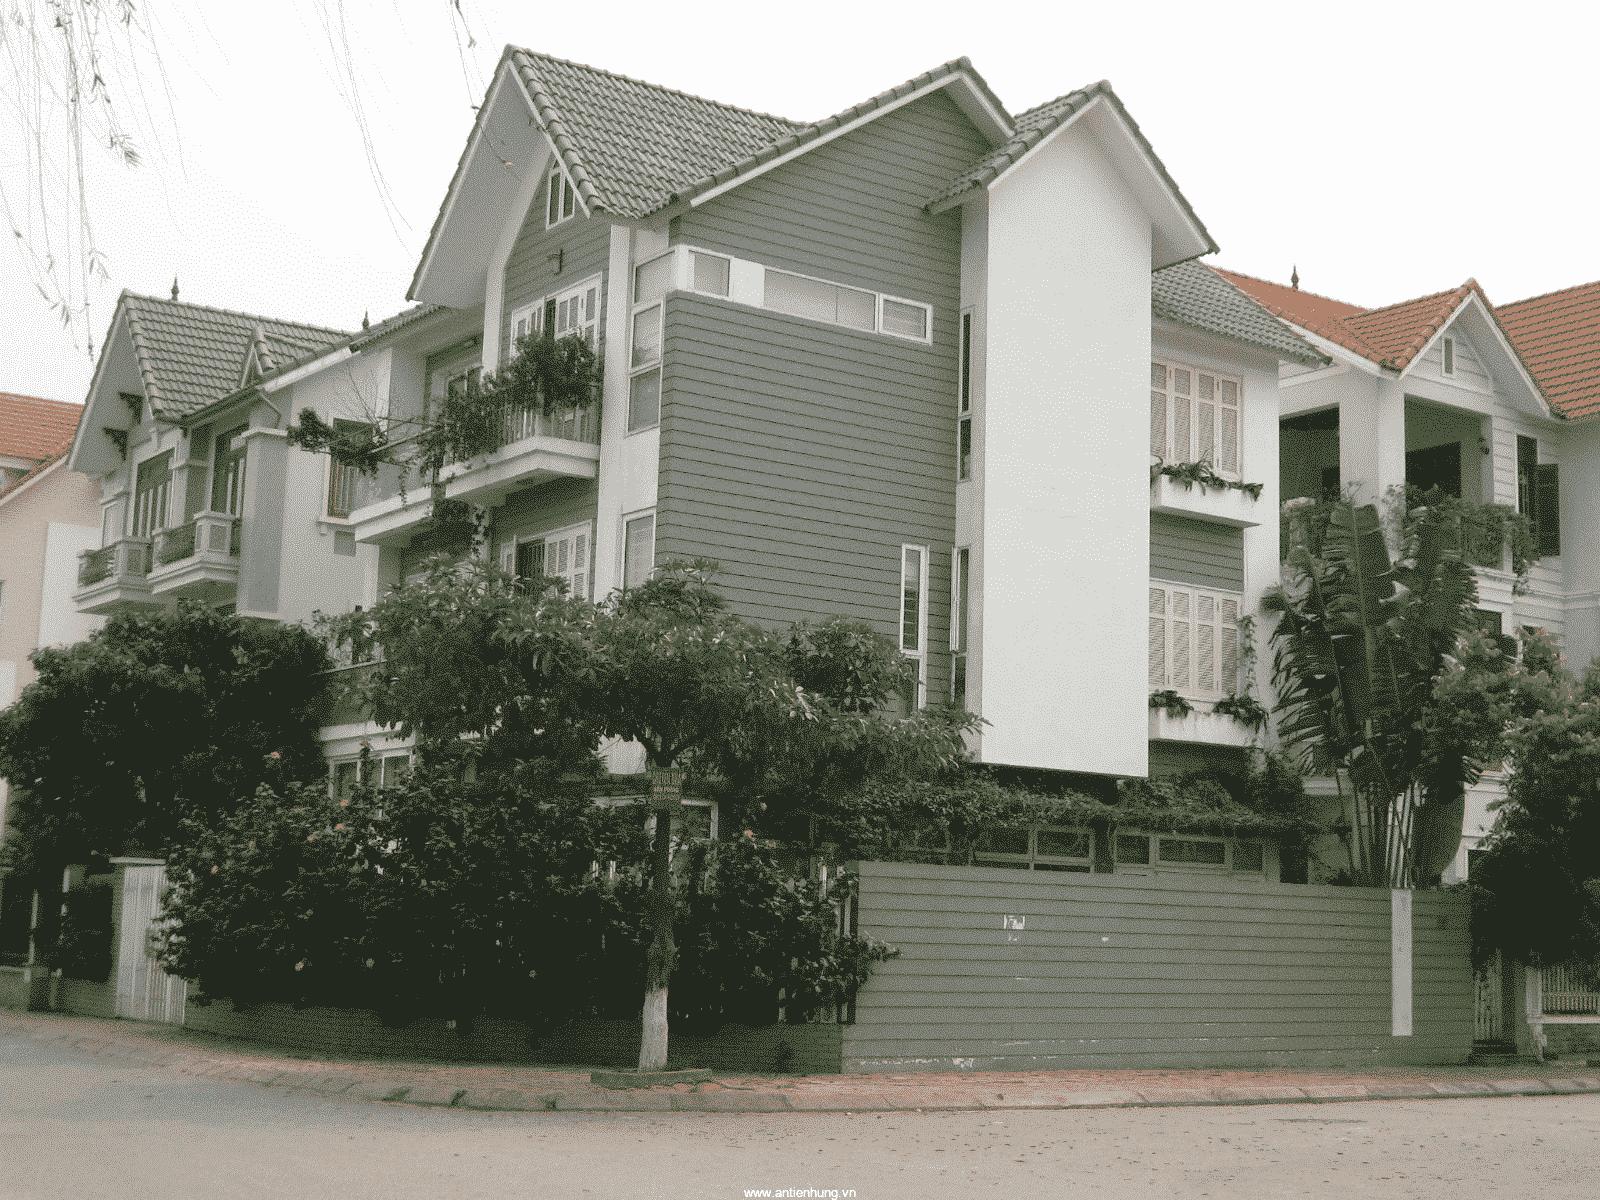 Ngôi nhà sẽ đẹp từ bên ngoài nhờ sản phẩm sơn Kova